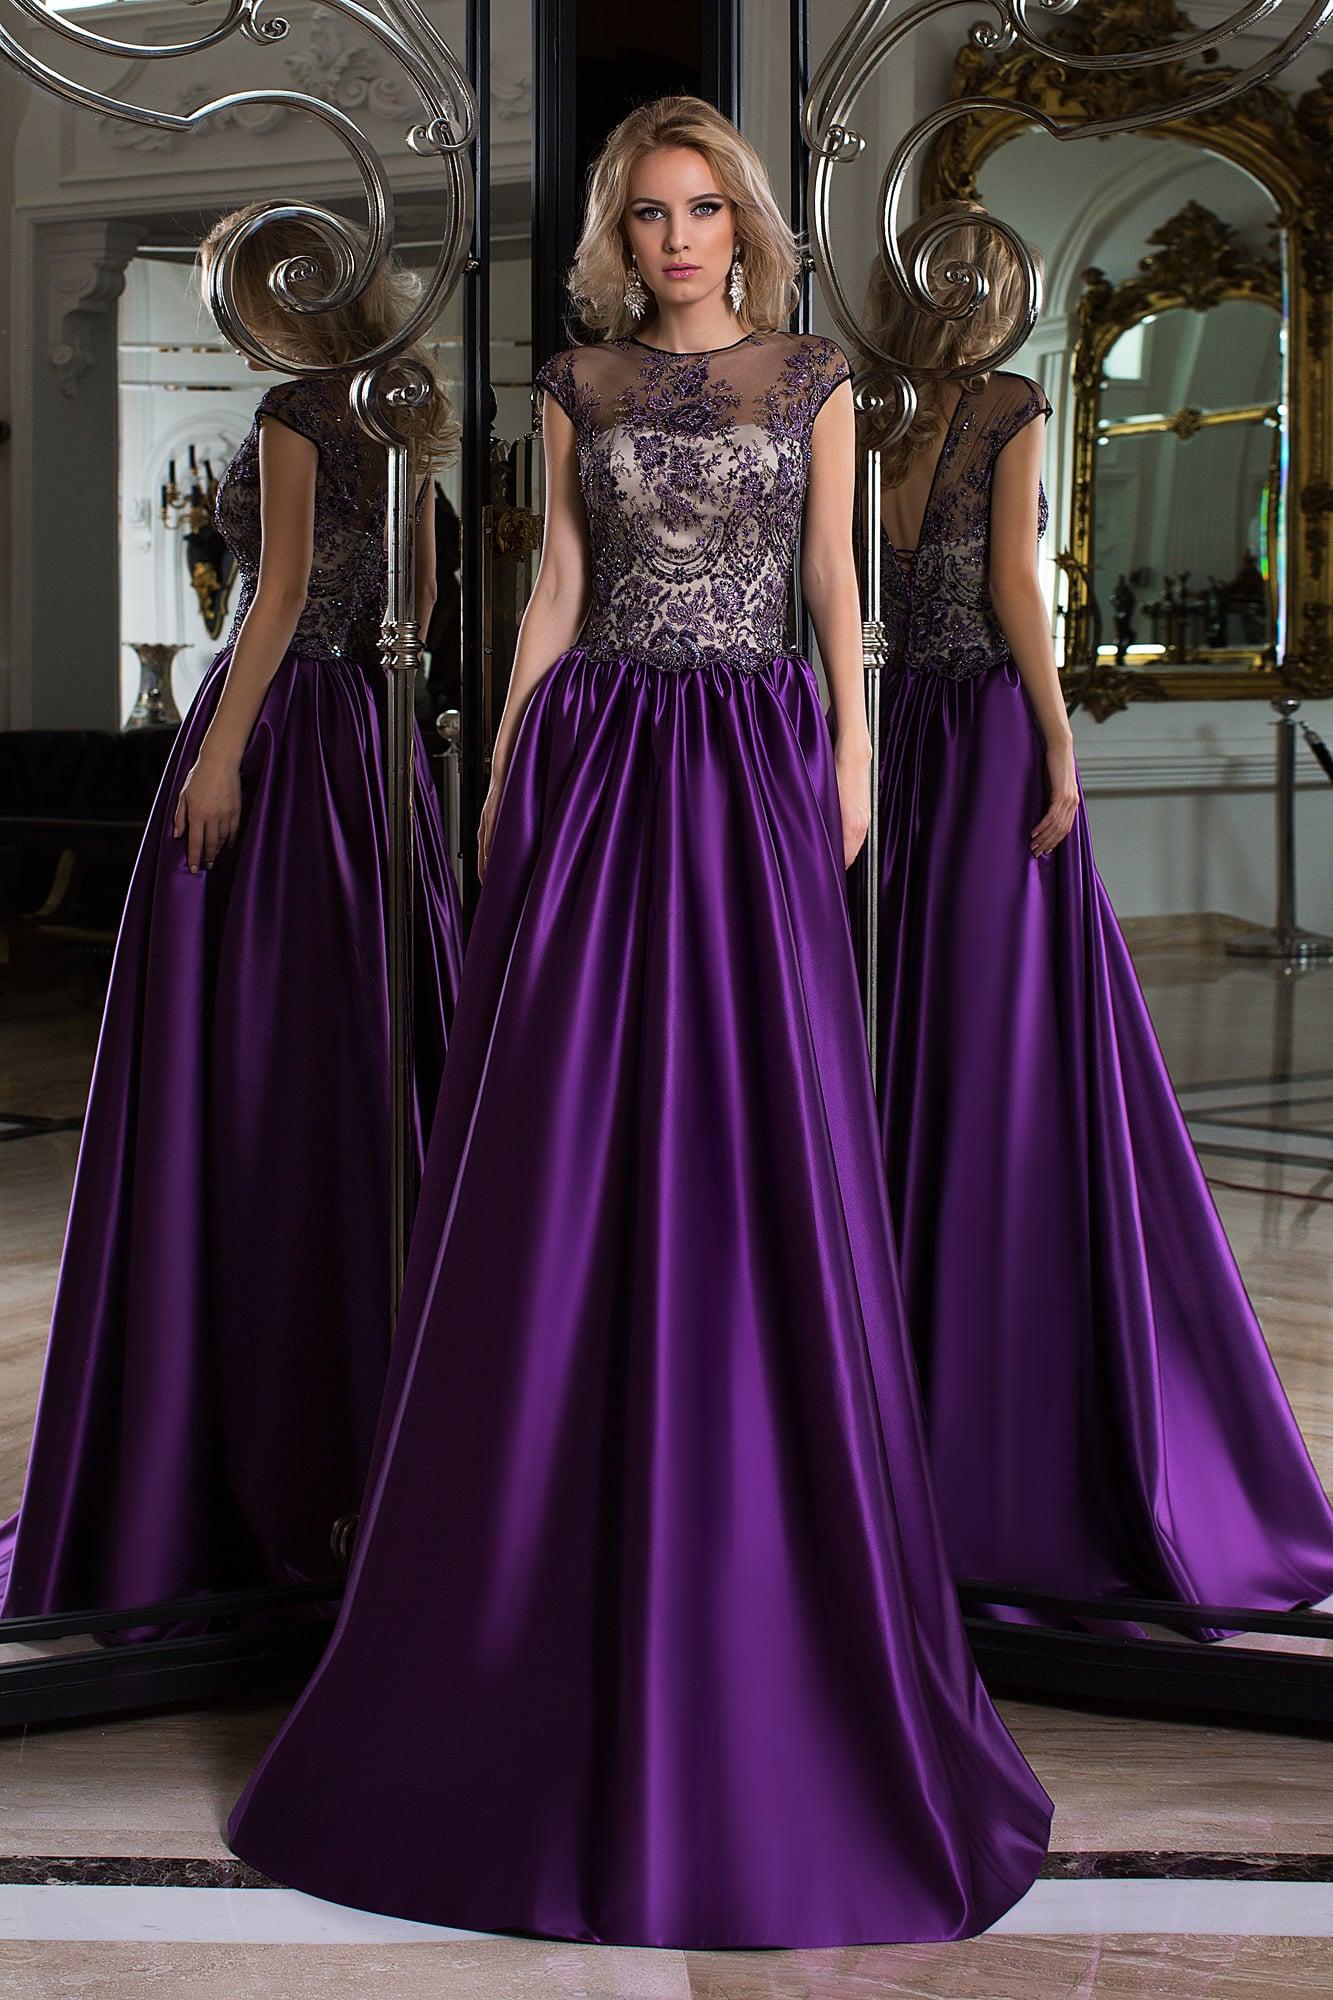 84bbfa96499 Фиолетовое вечернее платье с пышной юбкой и полупрозрачным закрытым верхом.